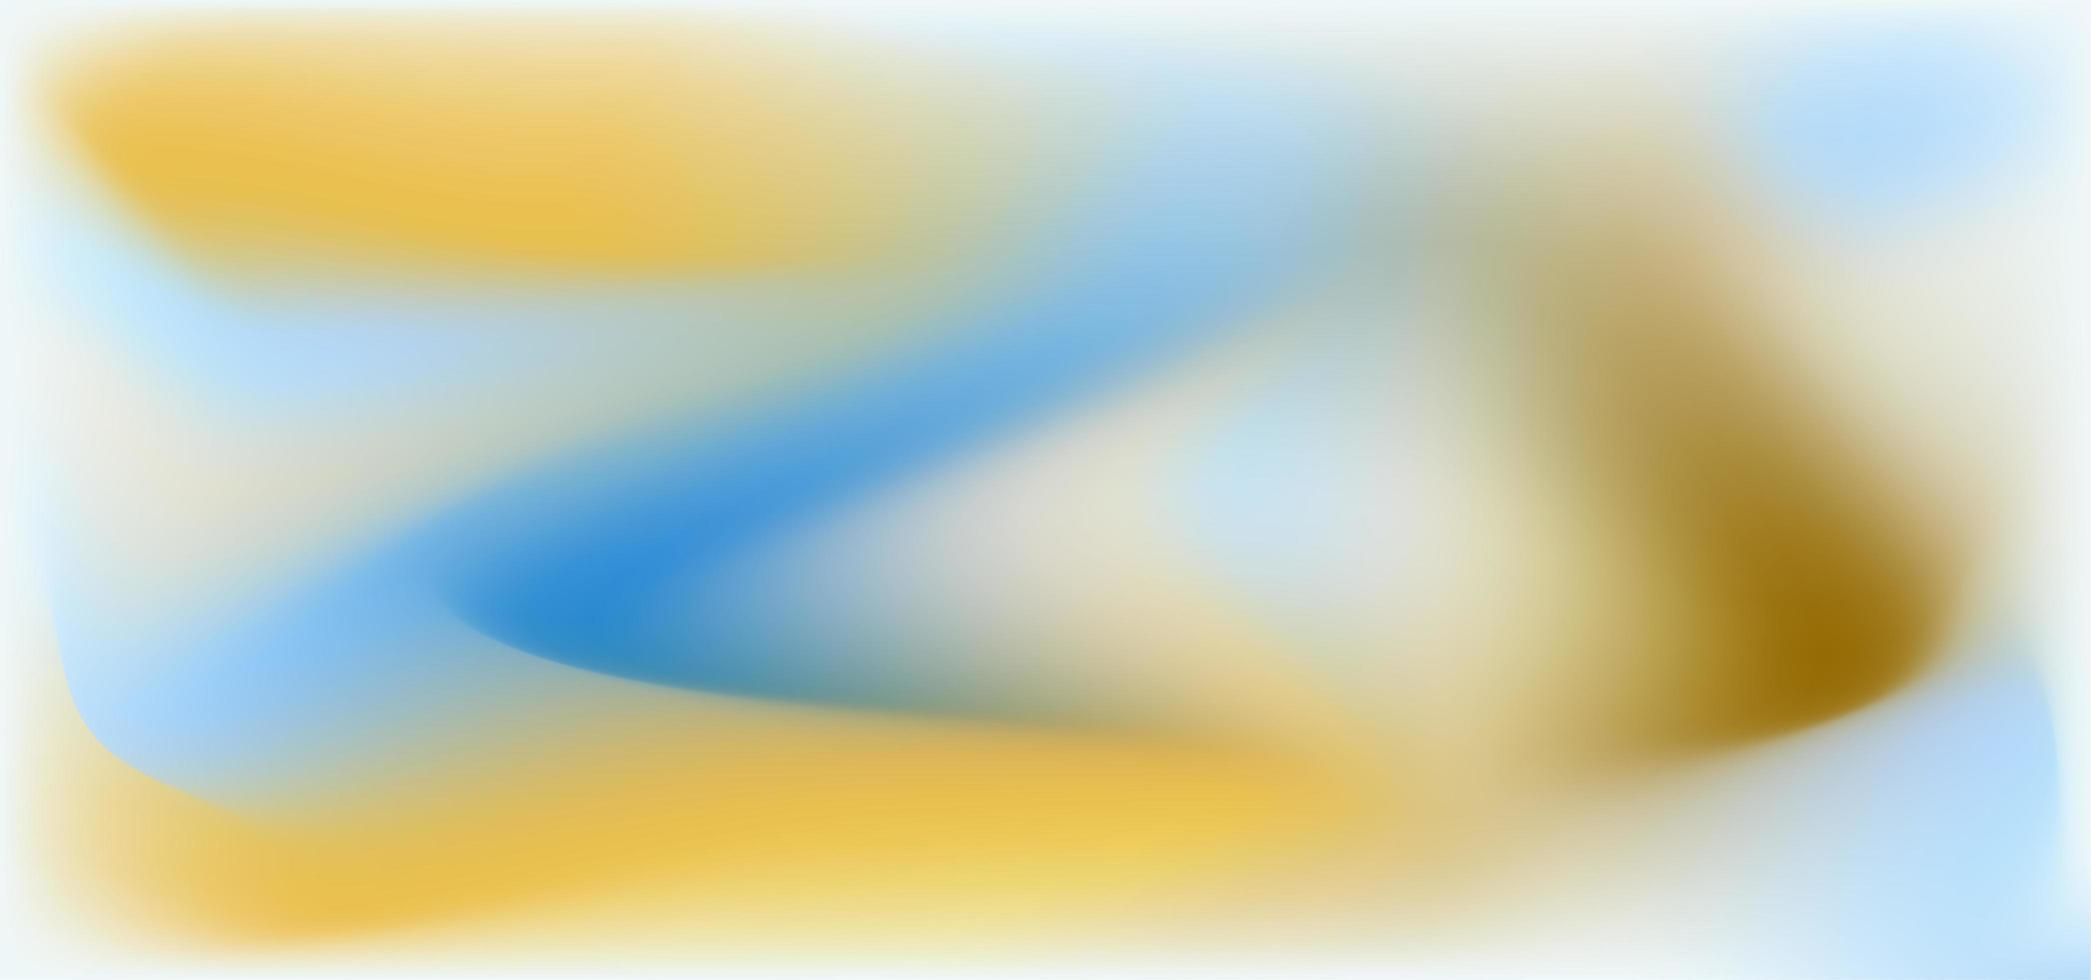 abstracte blauwe bruine achtergrond vector